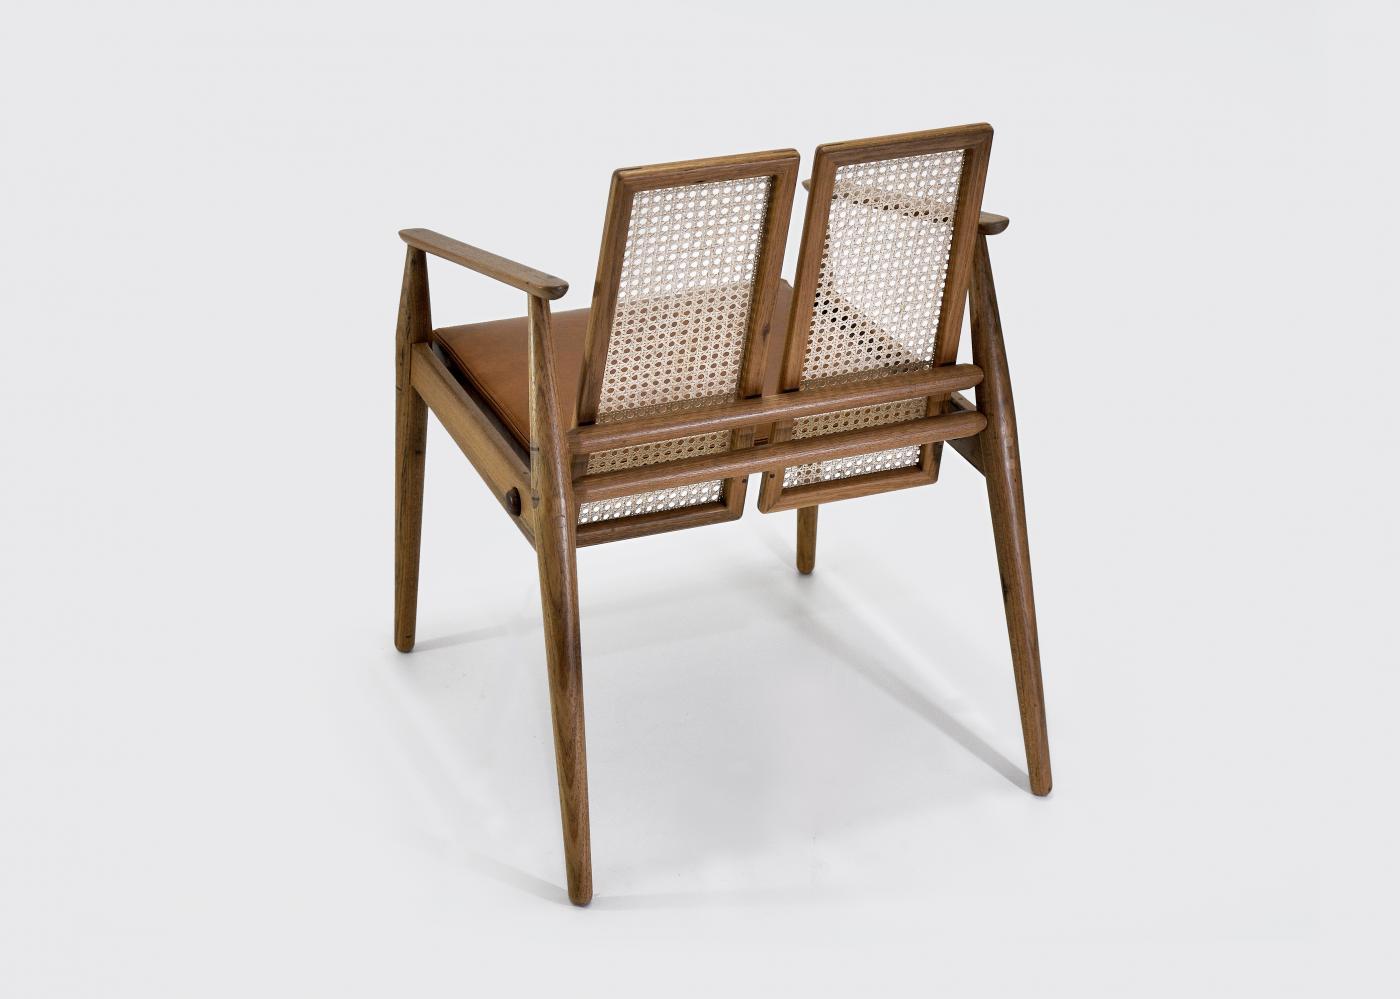 2848-cadeira-dalila-andre-ferri-3-1400